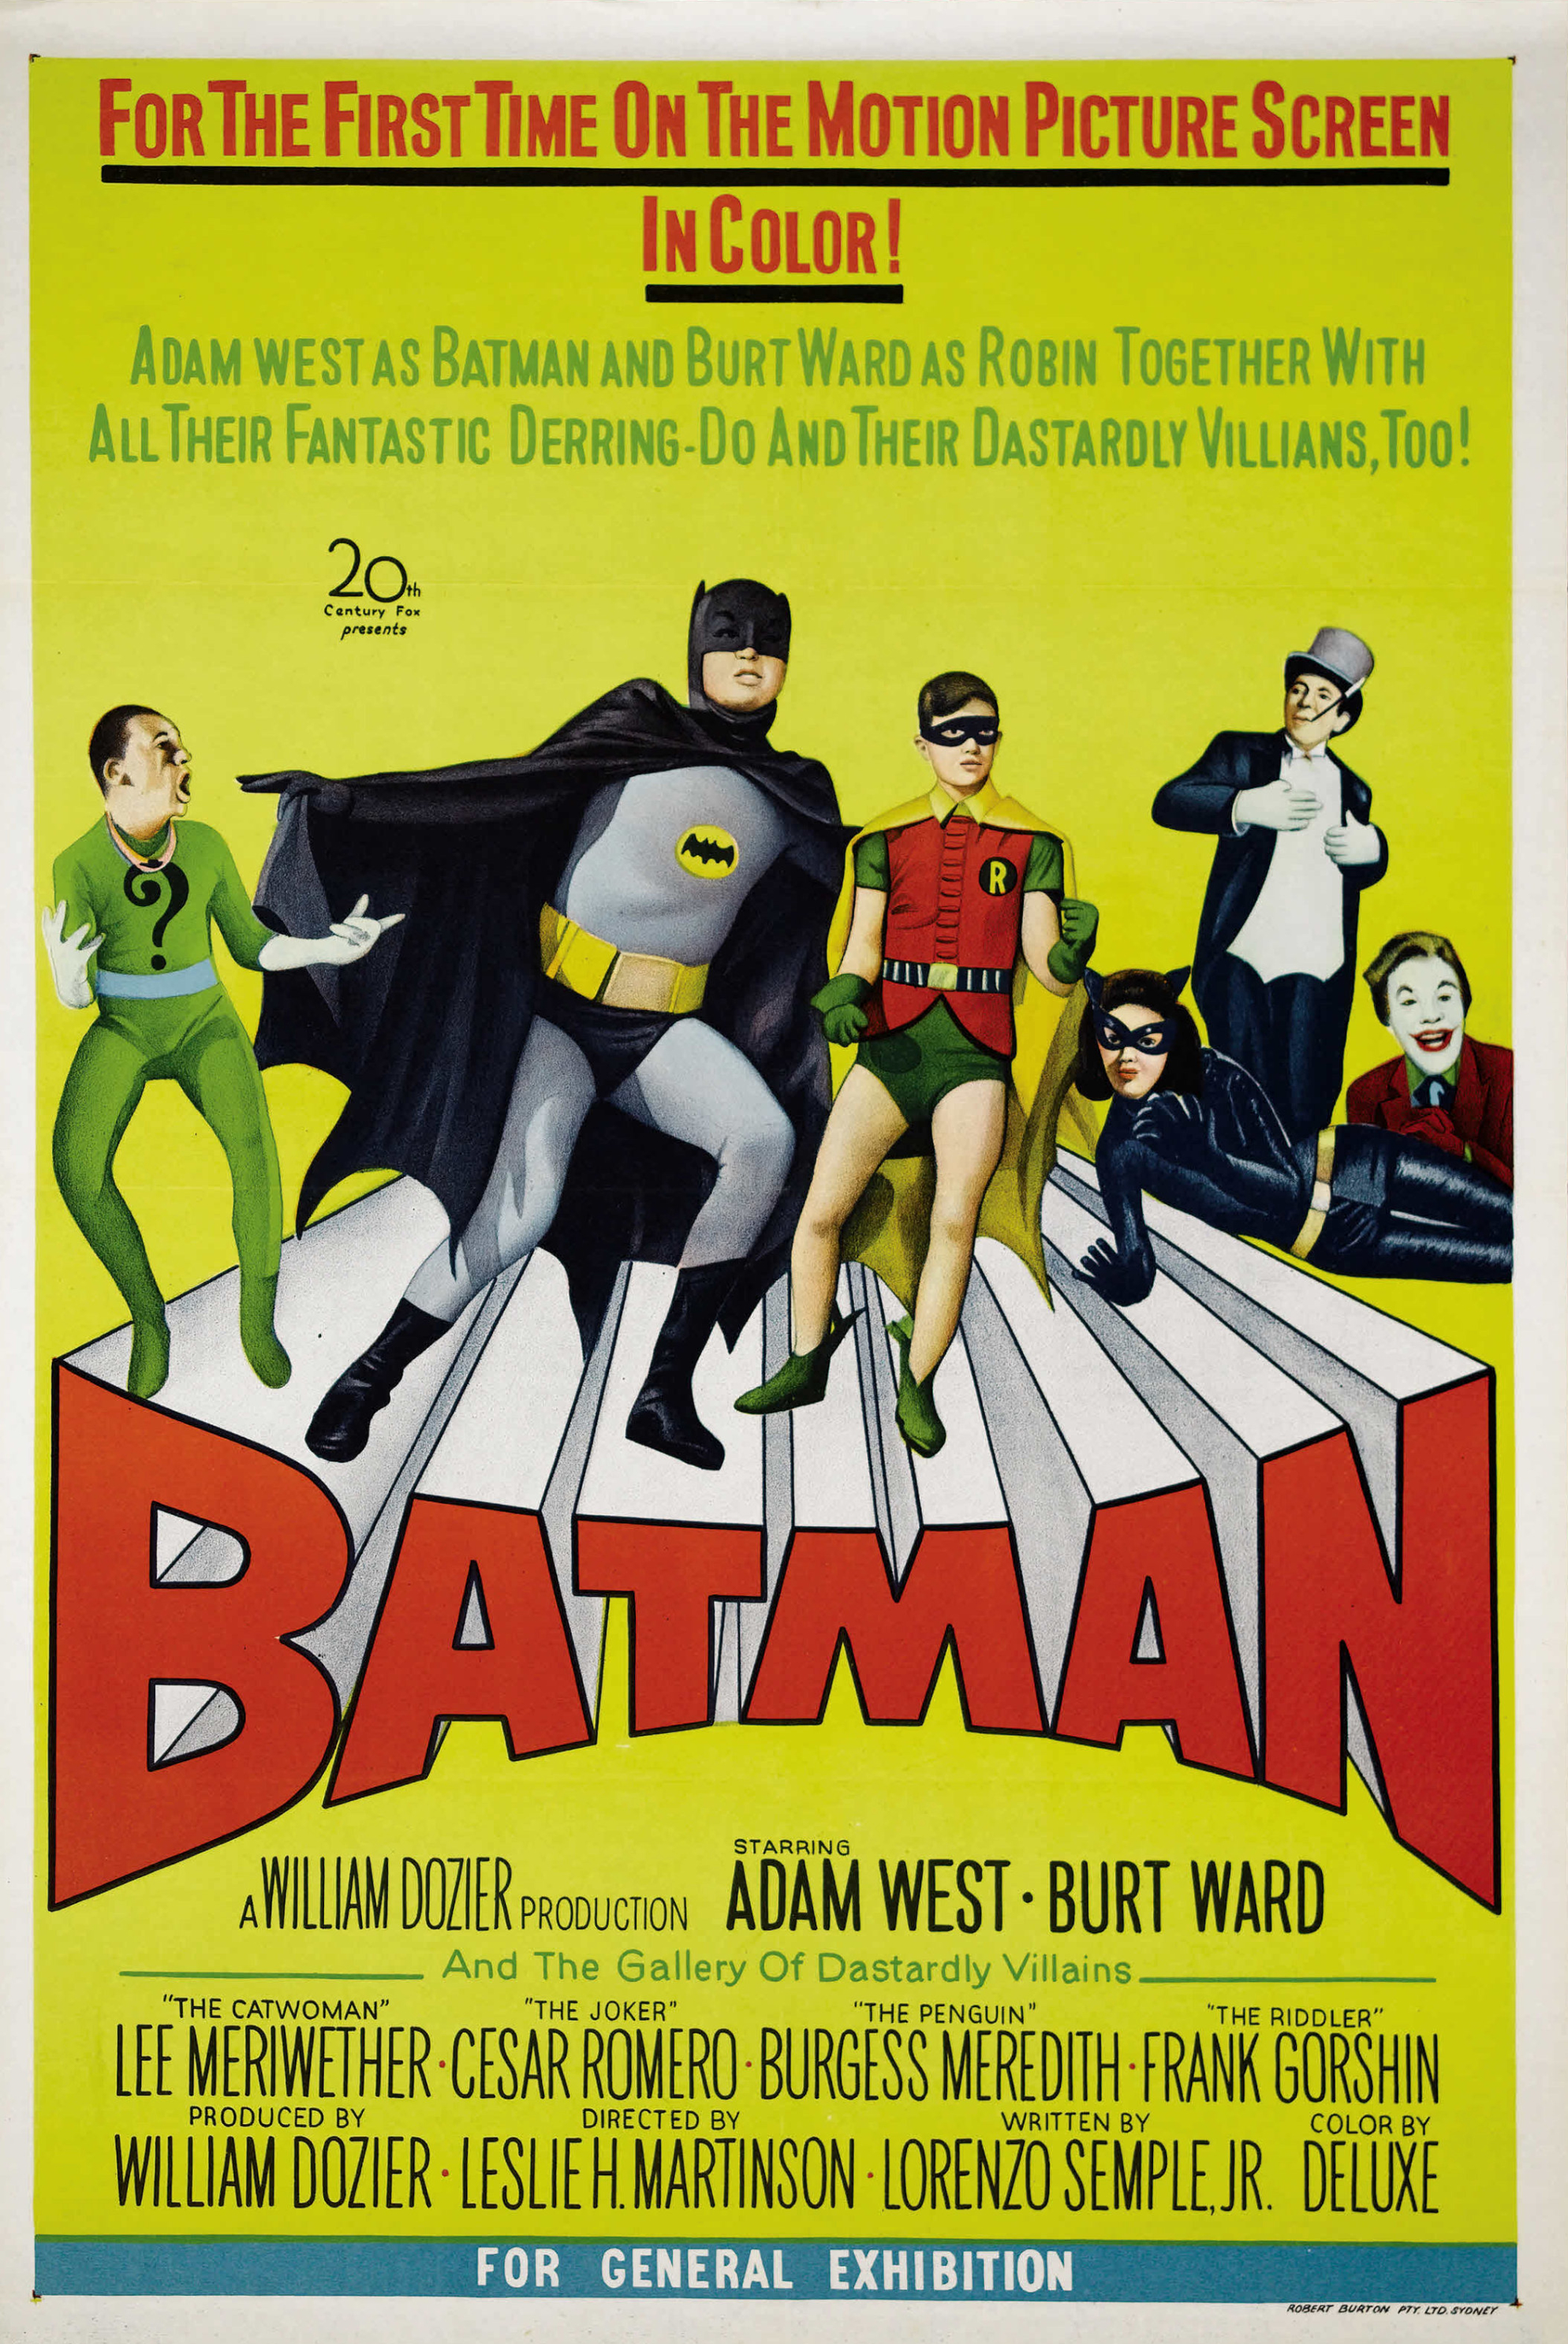 https://vignette.wikia.nocookie.net/marvel_dc/images/3/3e/Batman_1966_Movie.jpg/revision/latest?cb=20080317121305